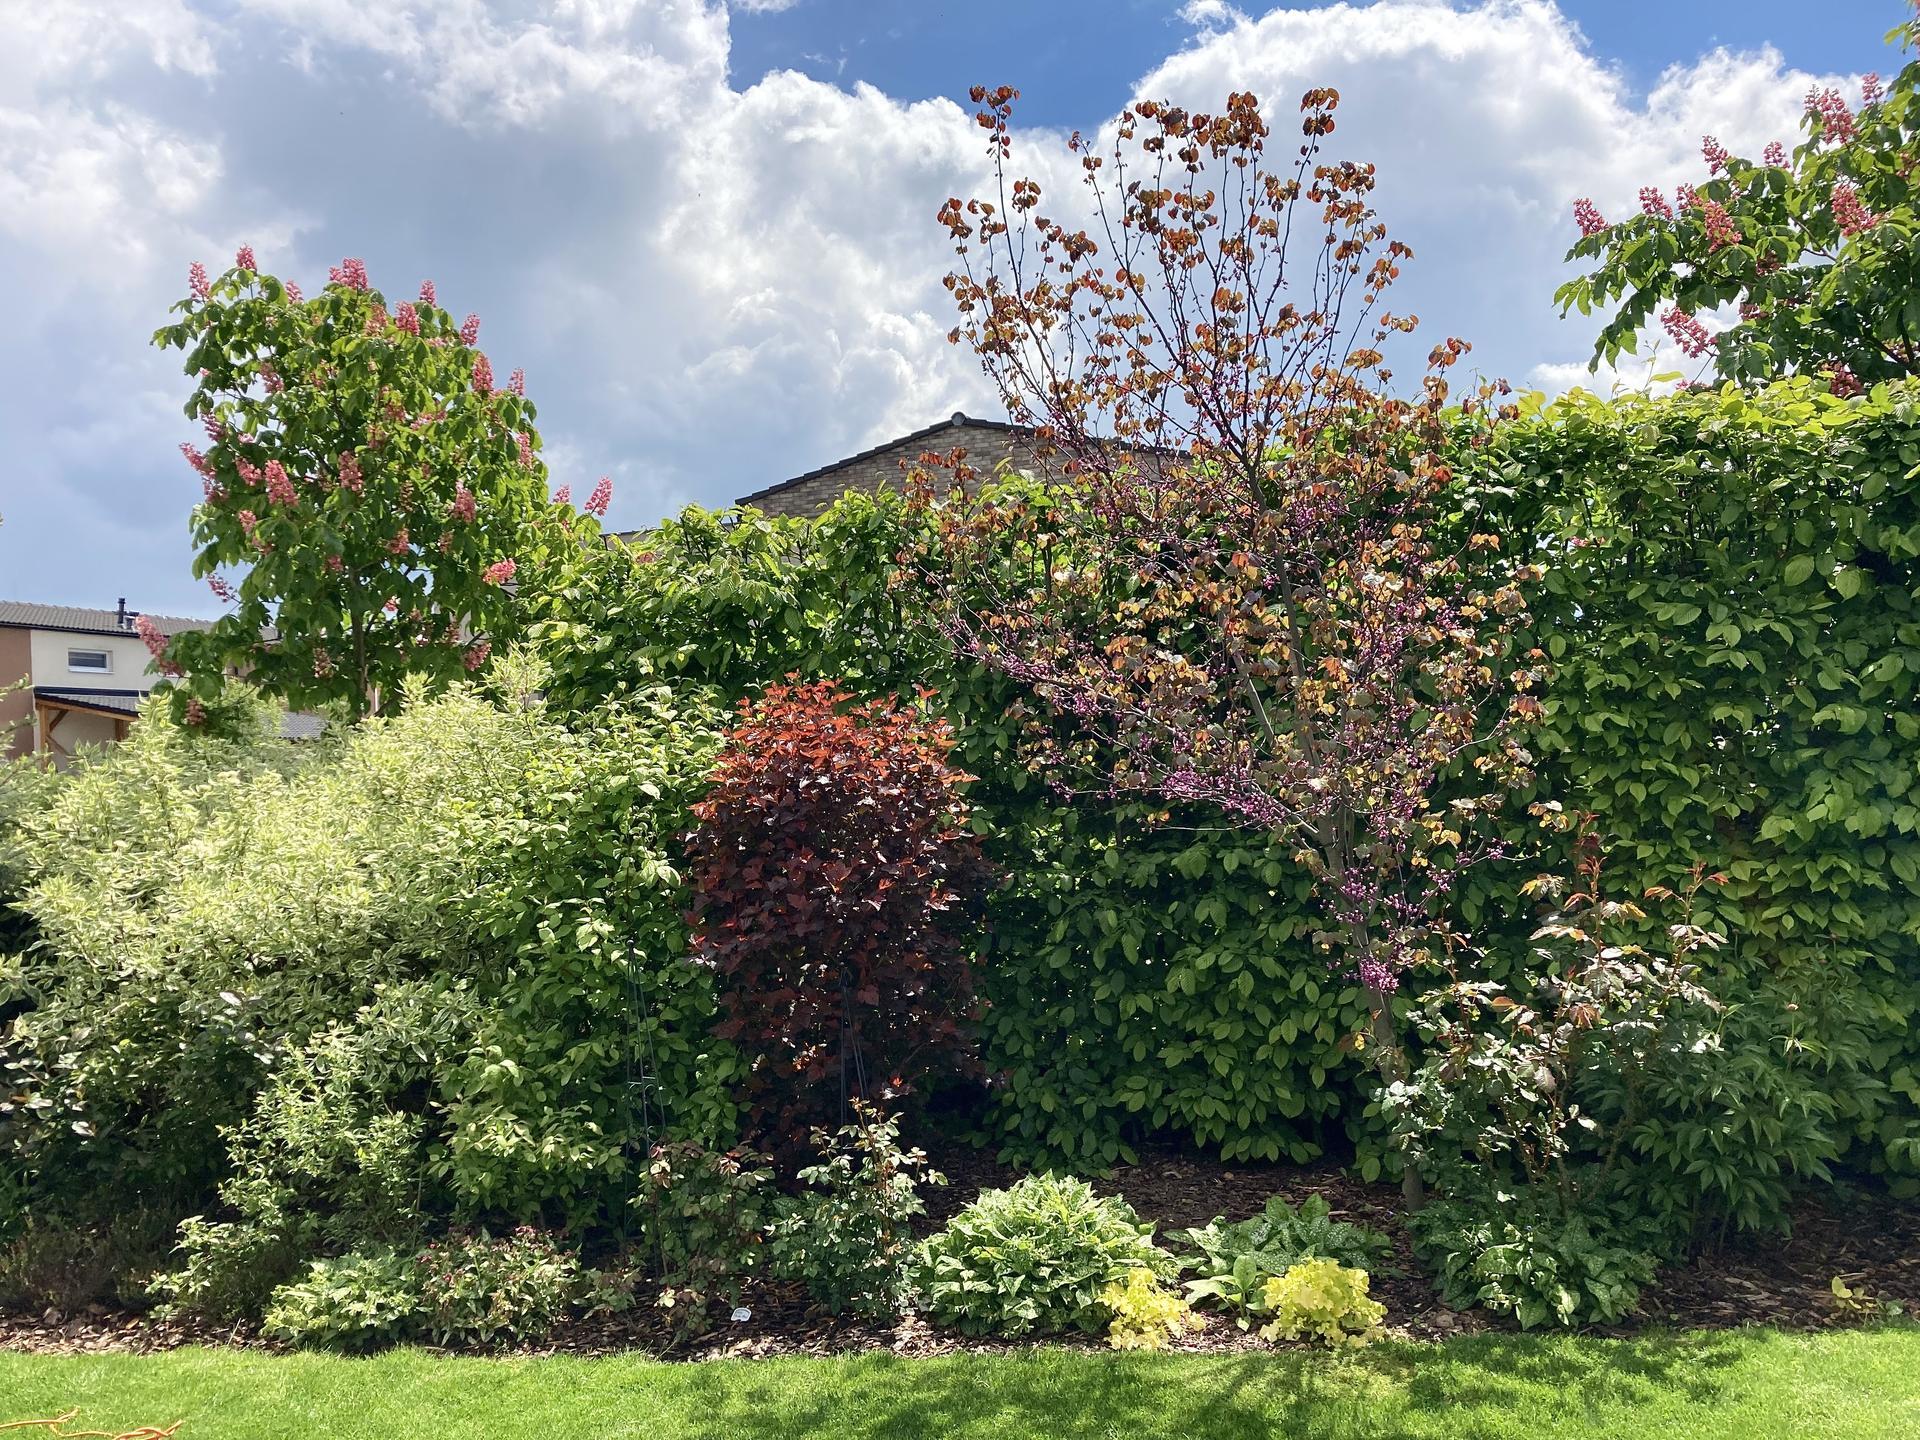 Zahrada 2021 - Kombinovane vysadby jsou na zahrade stejne nejhezci🤩